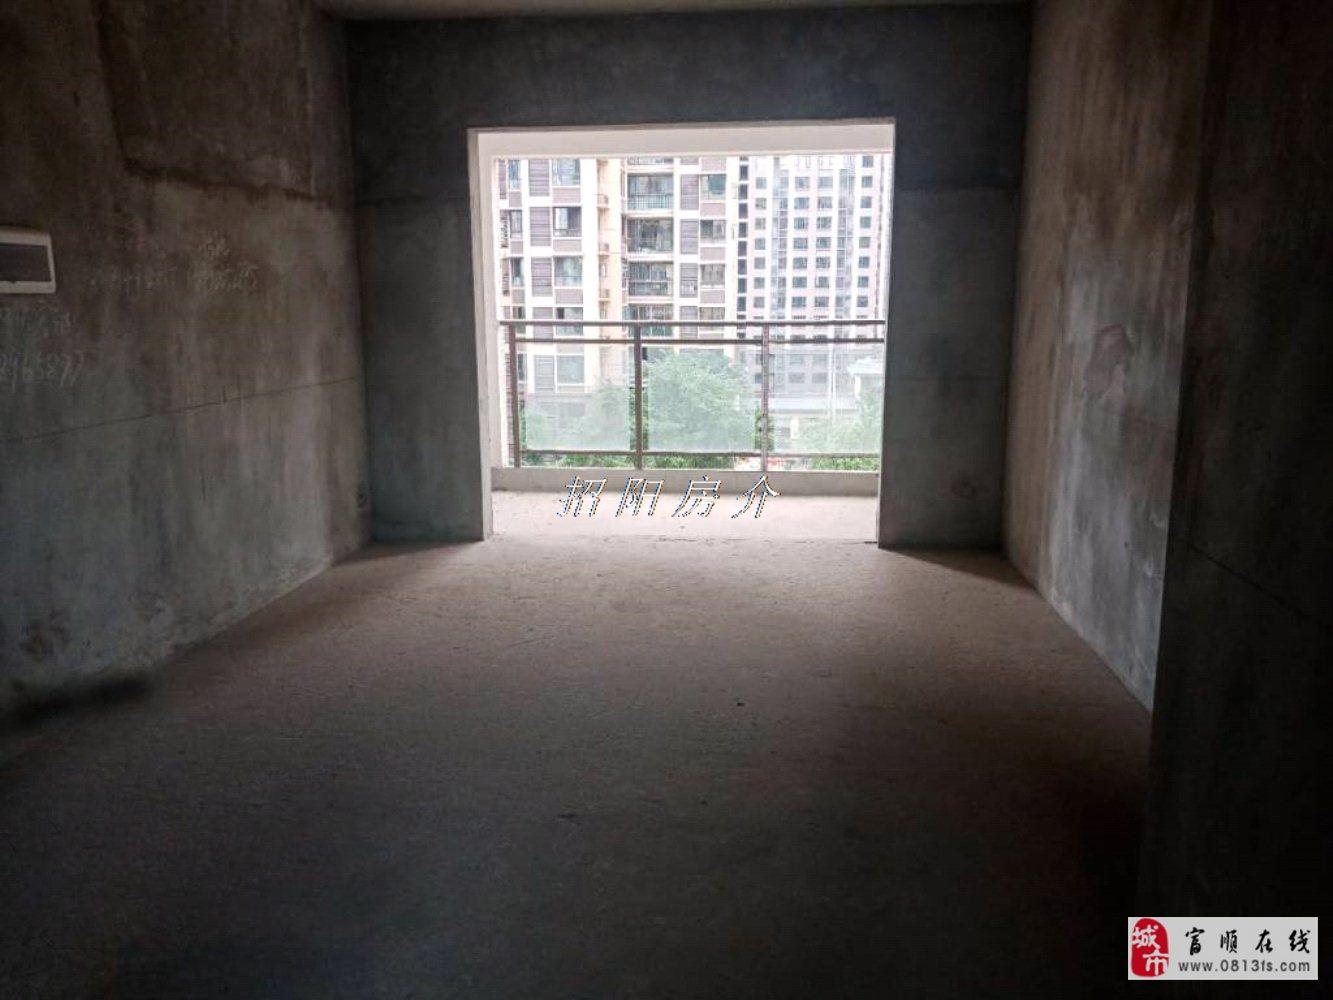 时代广场14+1电梯3室2厅2卫清水房79.8万